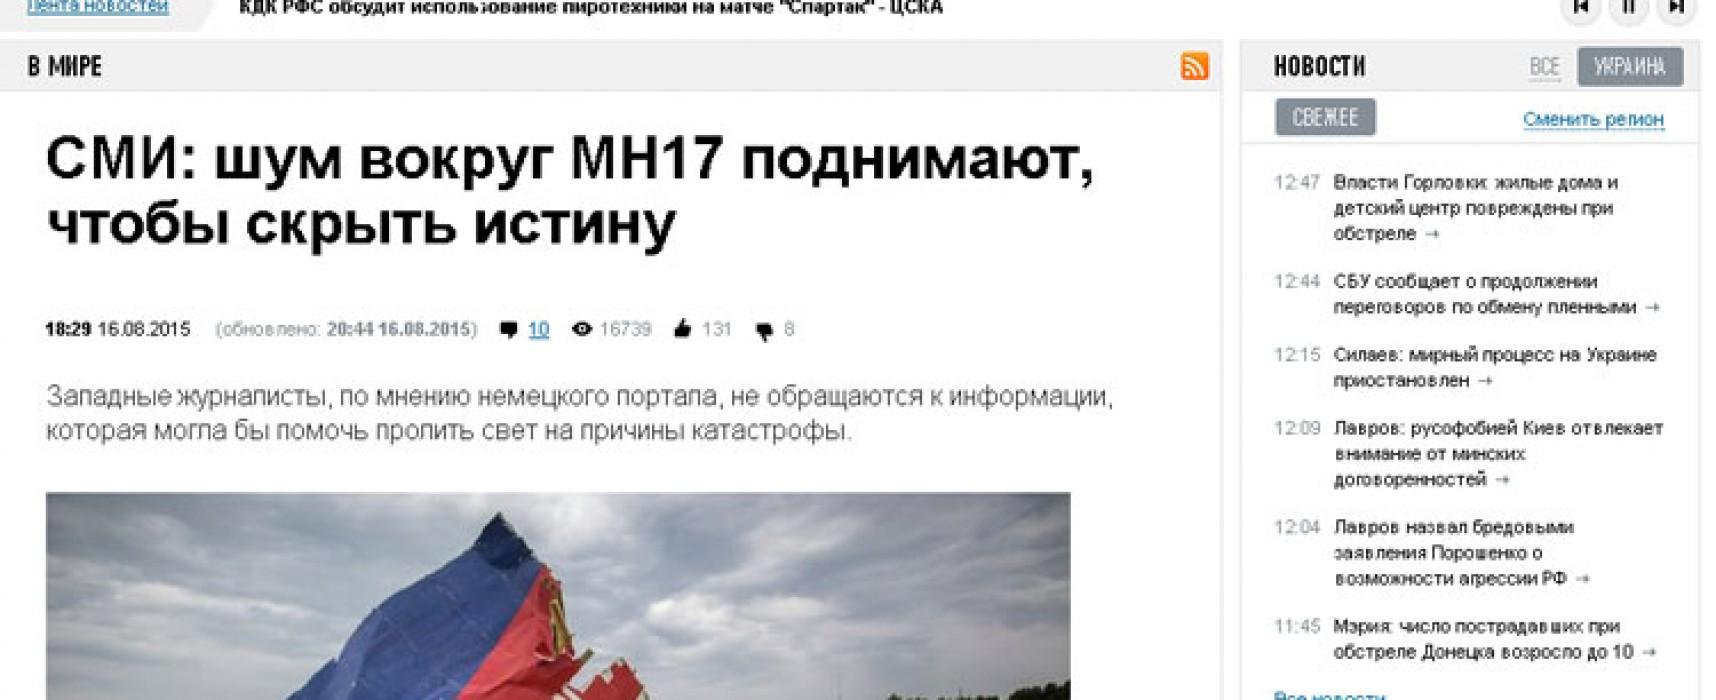 Российские СМИ представили запись в блоге как авторскую статью «немецкого портала»